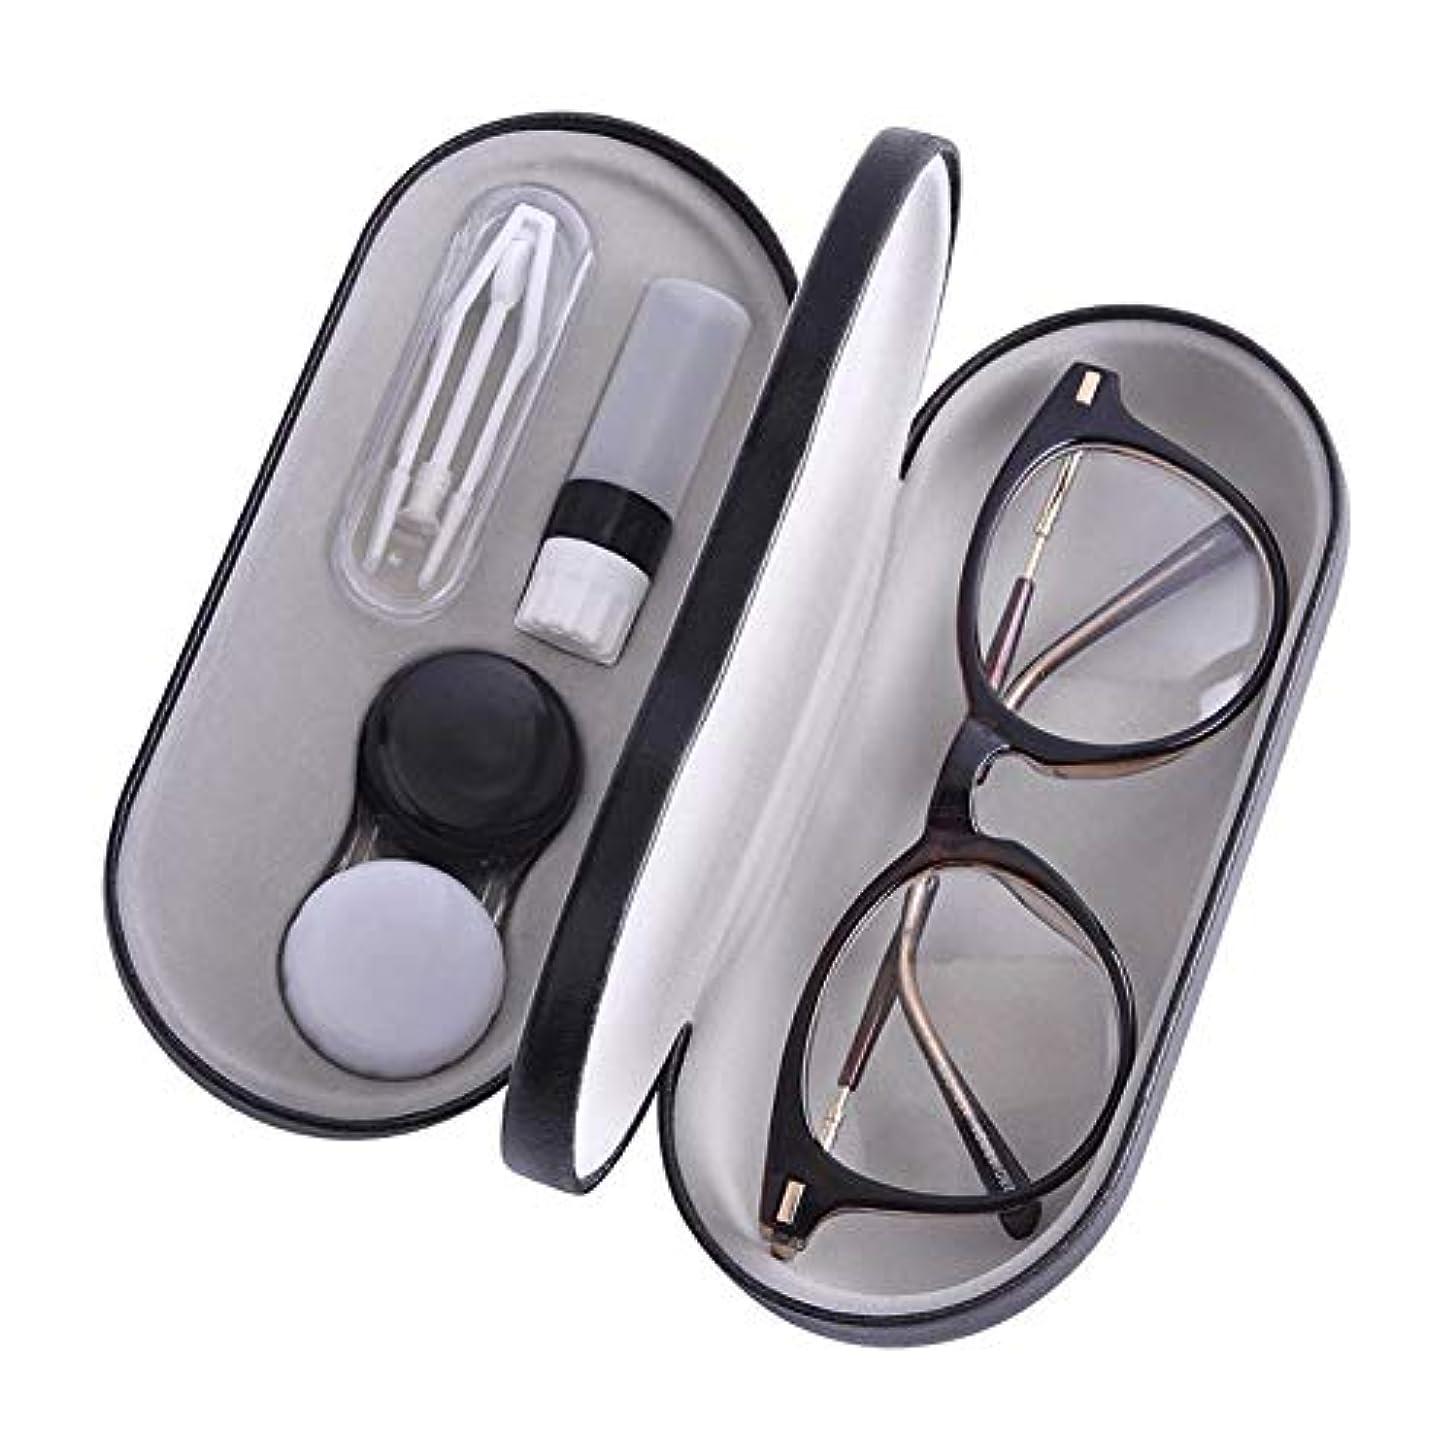 影響する弾性取り出すコンタクトレンズケーストラベルホームイノベーション両面メガネ収納ボックストラベルセットボックス携帯しやすいミニボックスコンテナコンタクトレンズフレーム